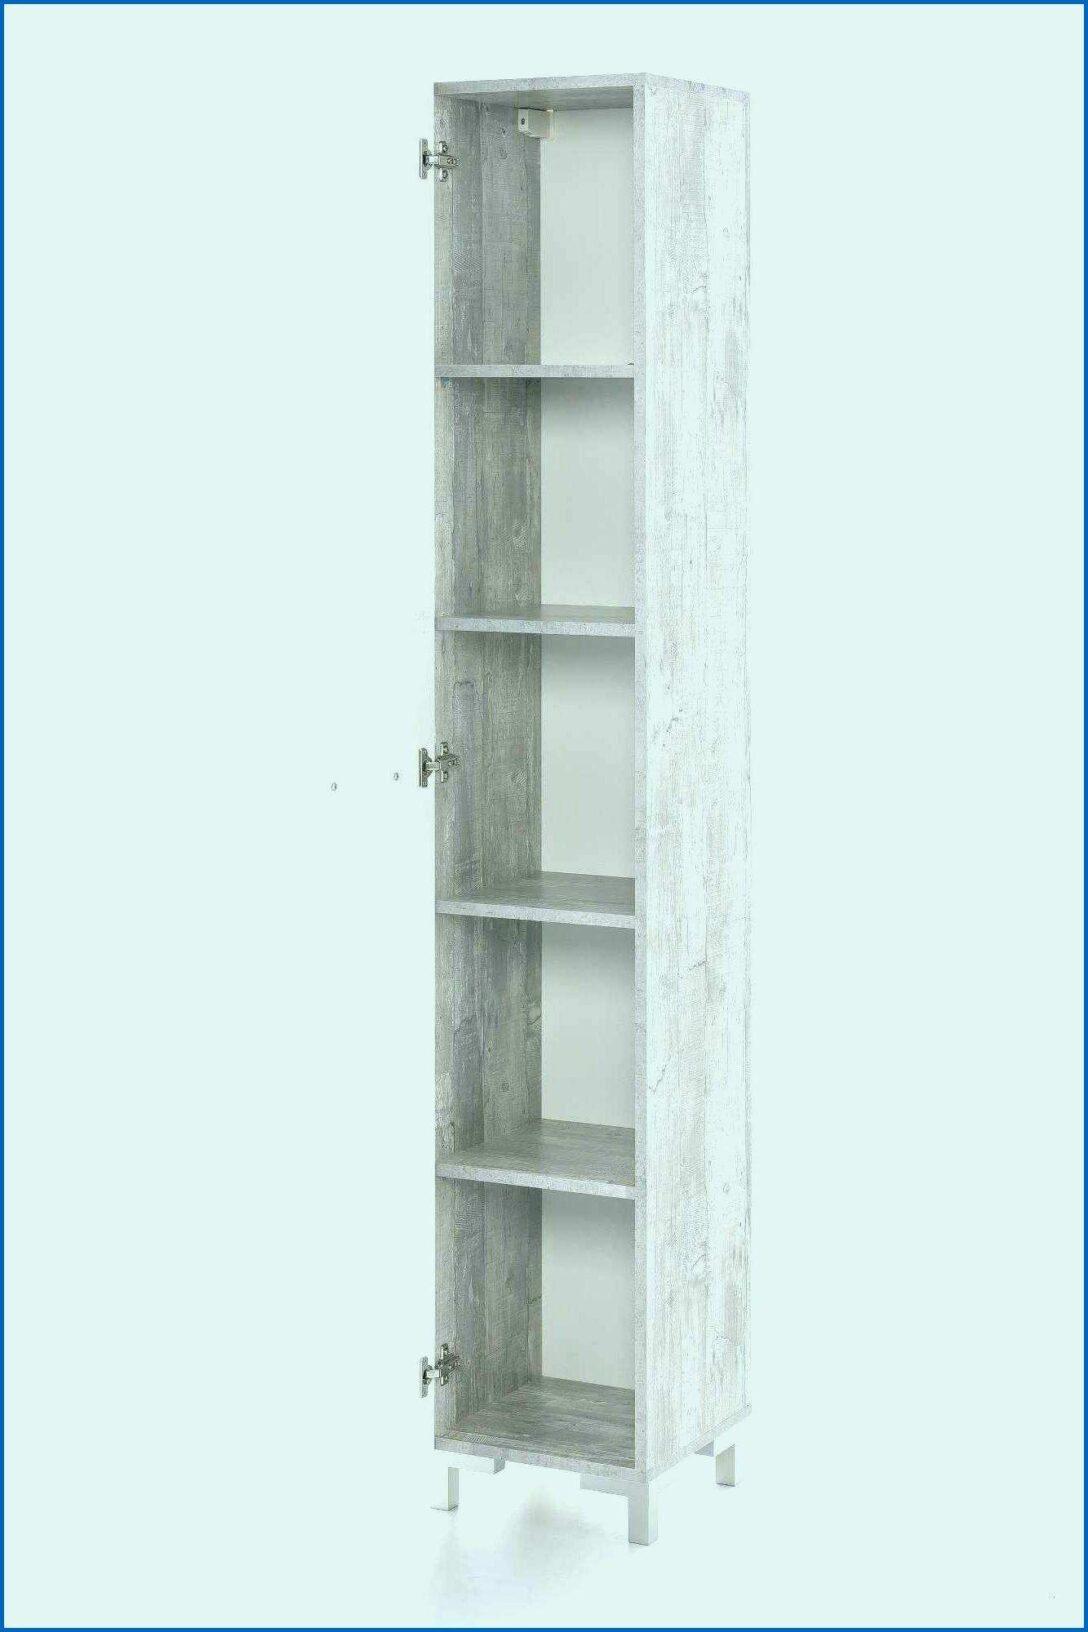 Large Size of Regal 25 Cm Breit Tief Luxus 27 Exklusiv Und Sauber Ikea String Pocket Cd Dvd Tiefes Flexa Badezimmer Raumtrenner Modular Regale Weiß Paletten Buche Massiv Regal Regal 25 Cm Breit